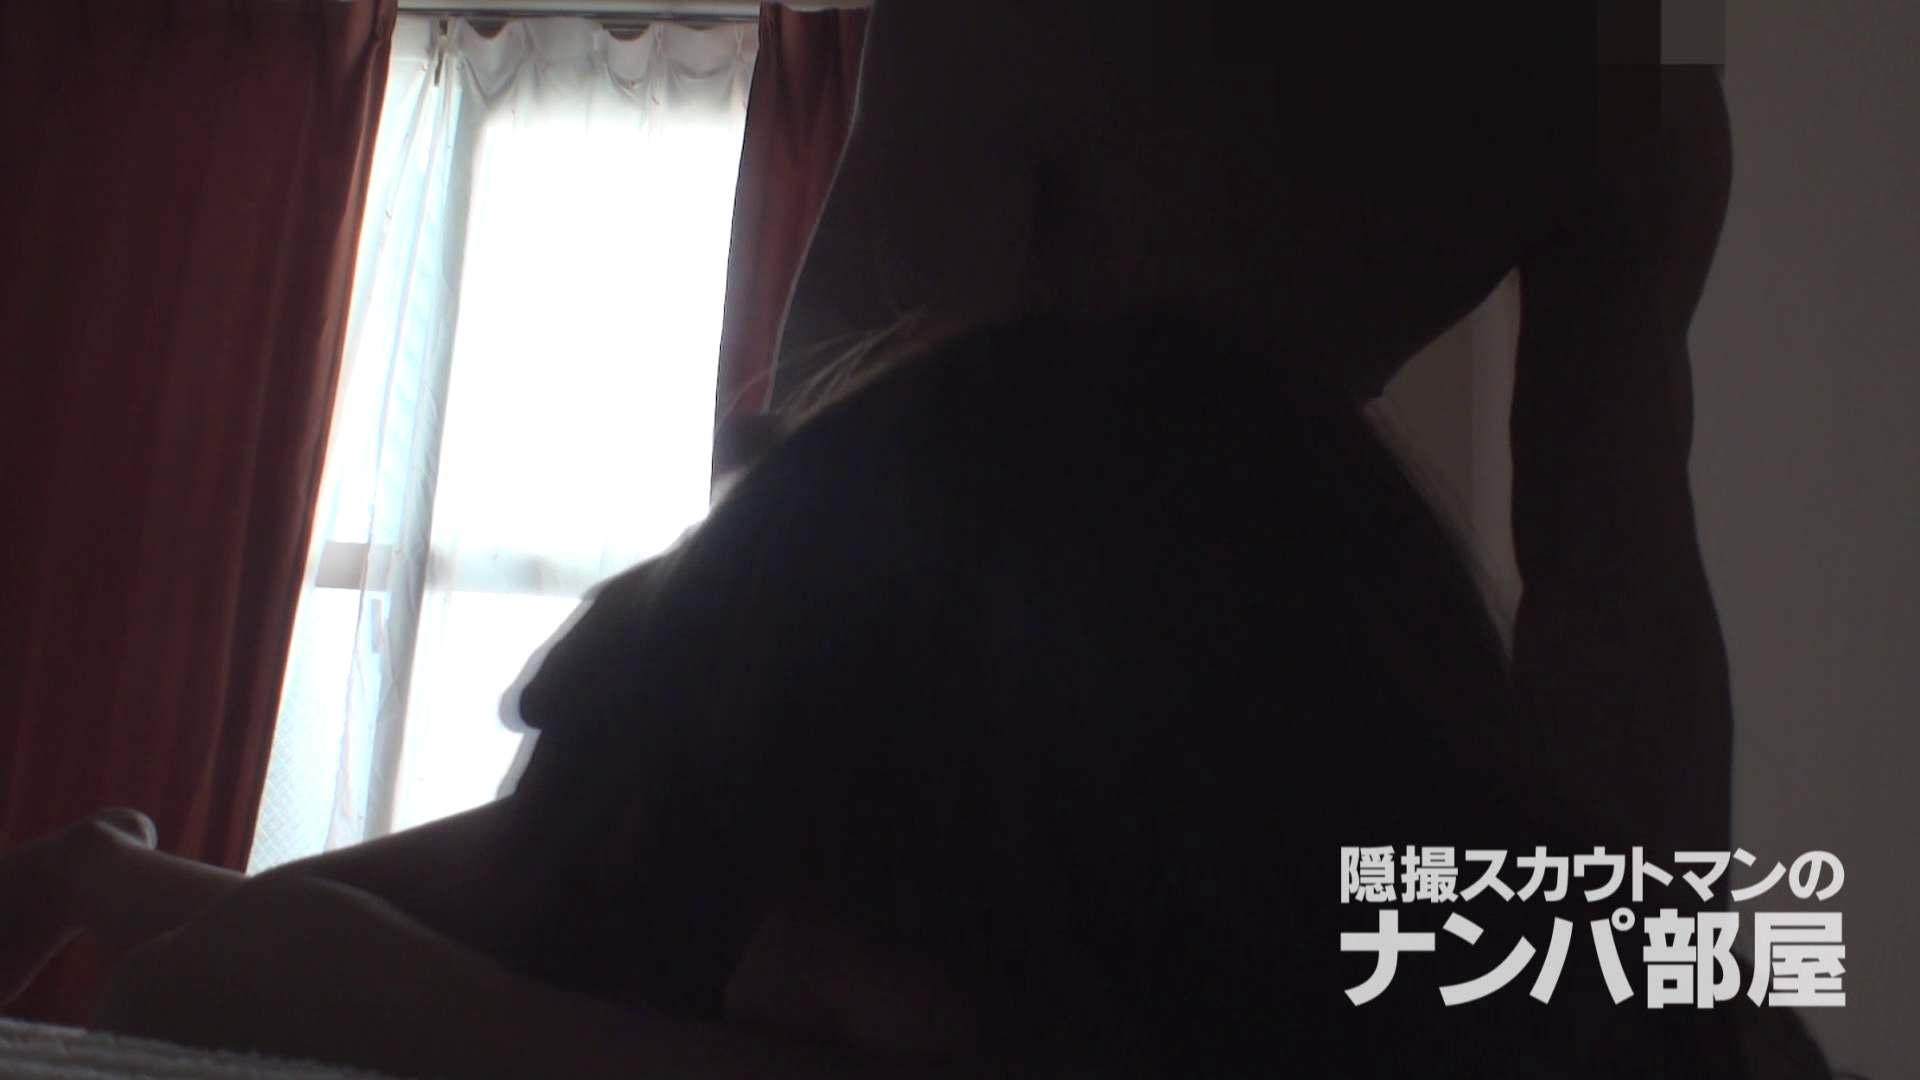 隠撮スカウトマンのナンパ部屋~風俗デビュー前のつまみ食い~ siivol.4 SEX オメコ無修正動画無料 10pic 8